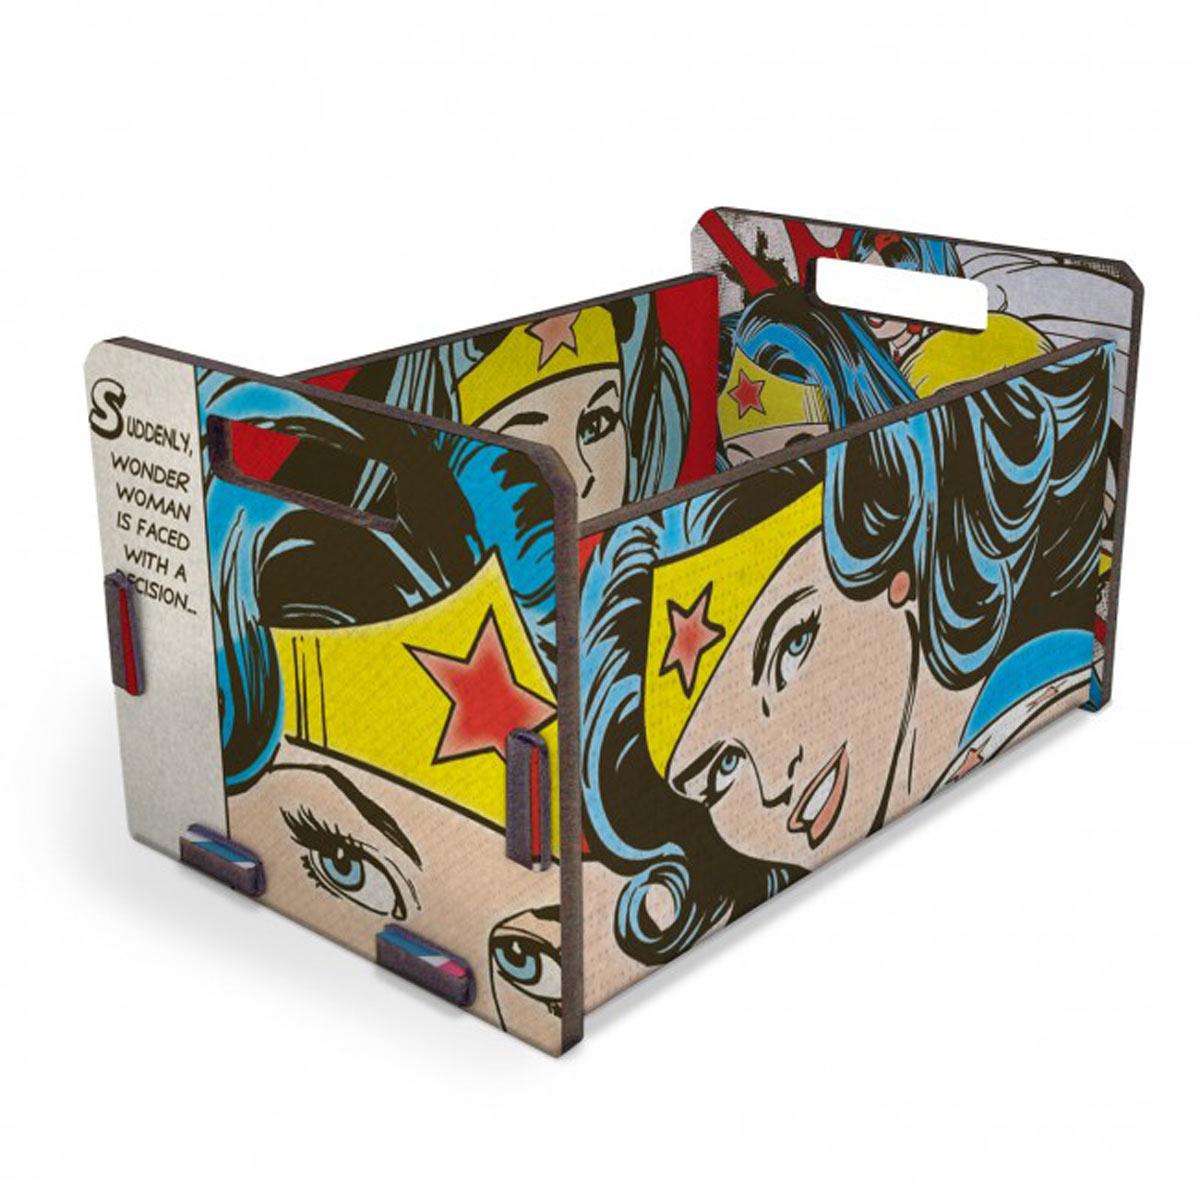 Caixote Organizador Wonder Woman